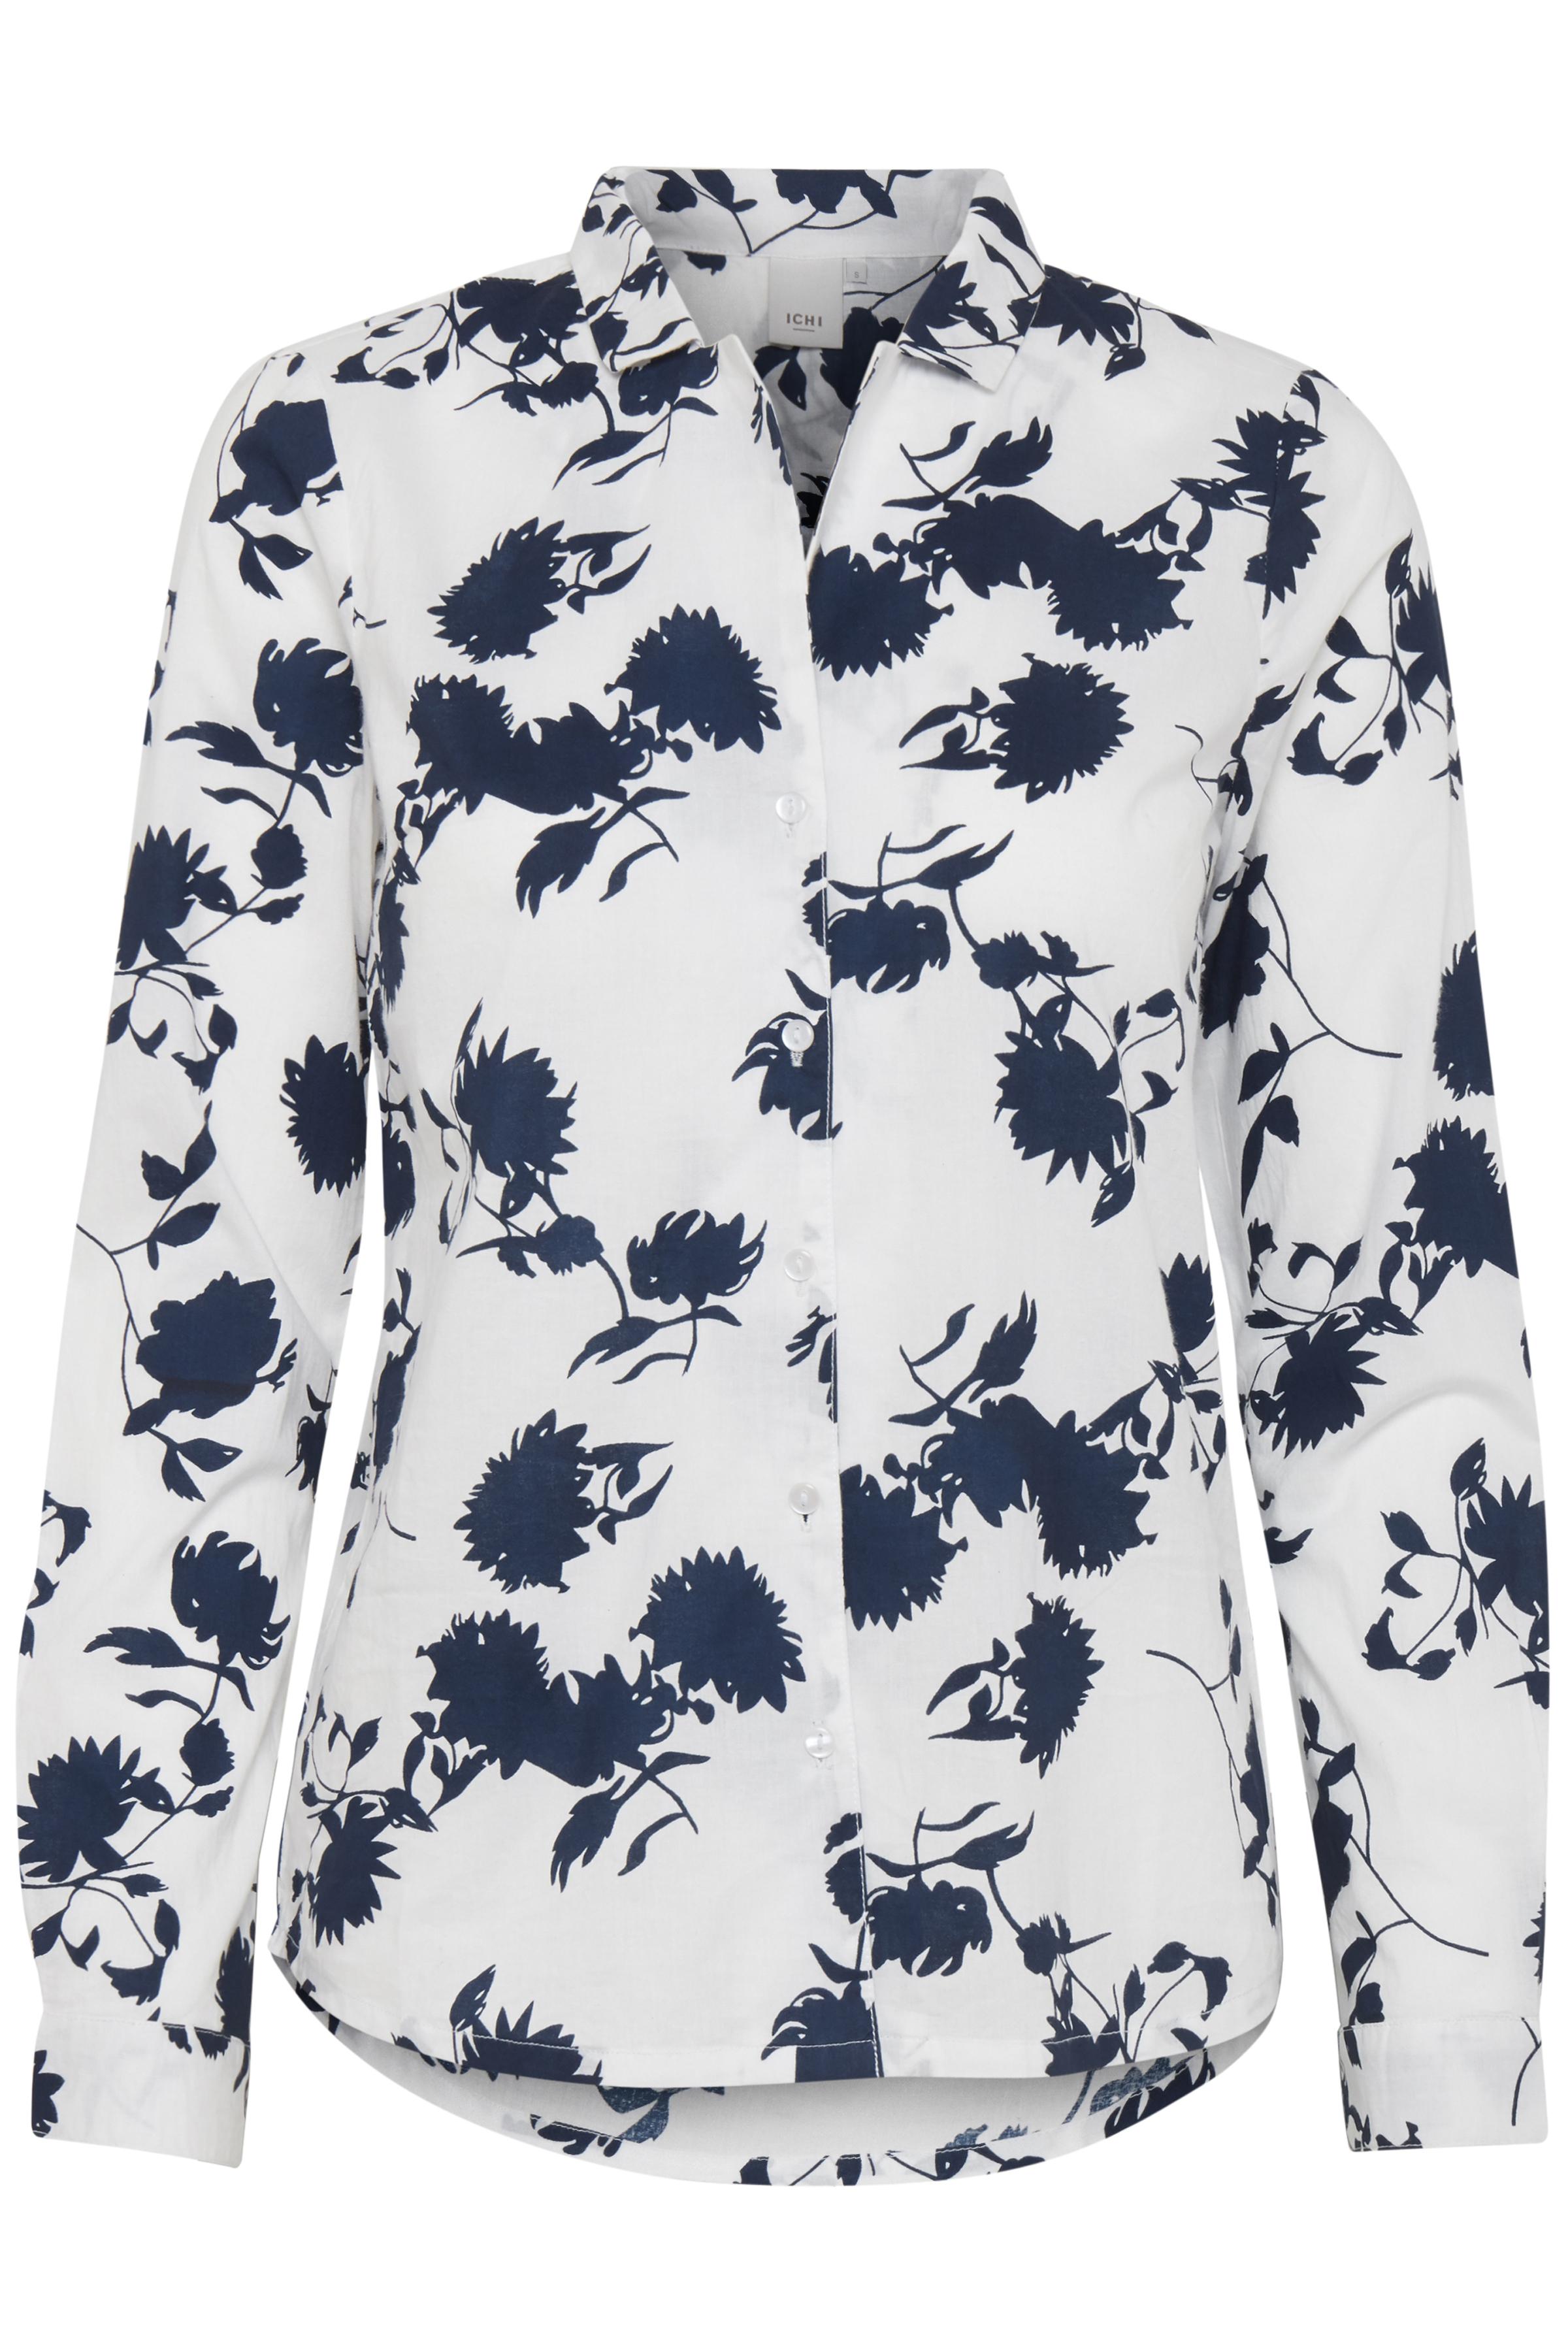 Cloud Dancer print Long sleeved shirt fra Ichi – Køb Cloud Dancer print Long sleeved shirt fra str. XS-XL her